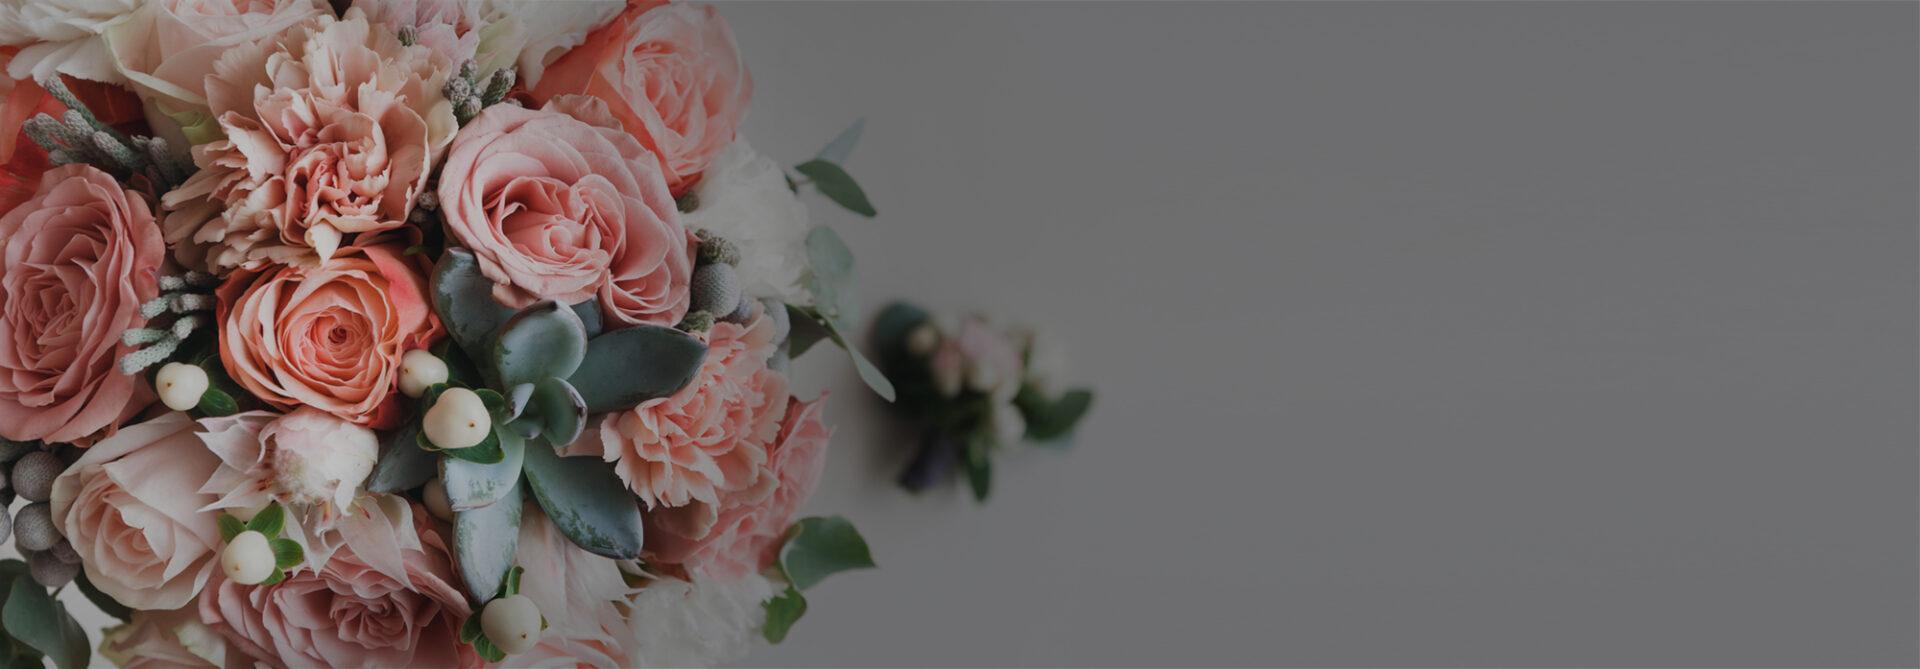 Bloemen Reynaert bloemenwinkel Oudenaarde Home